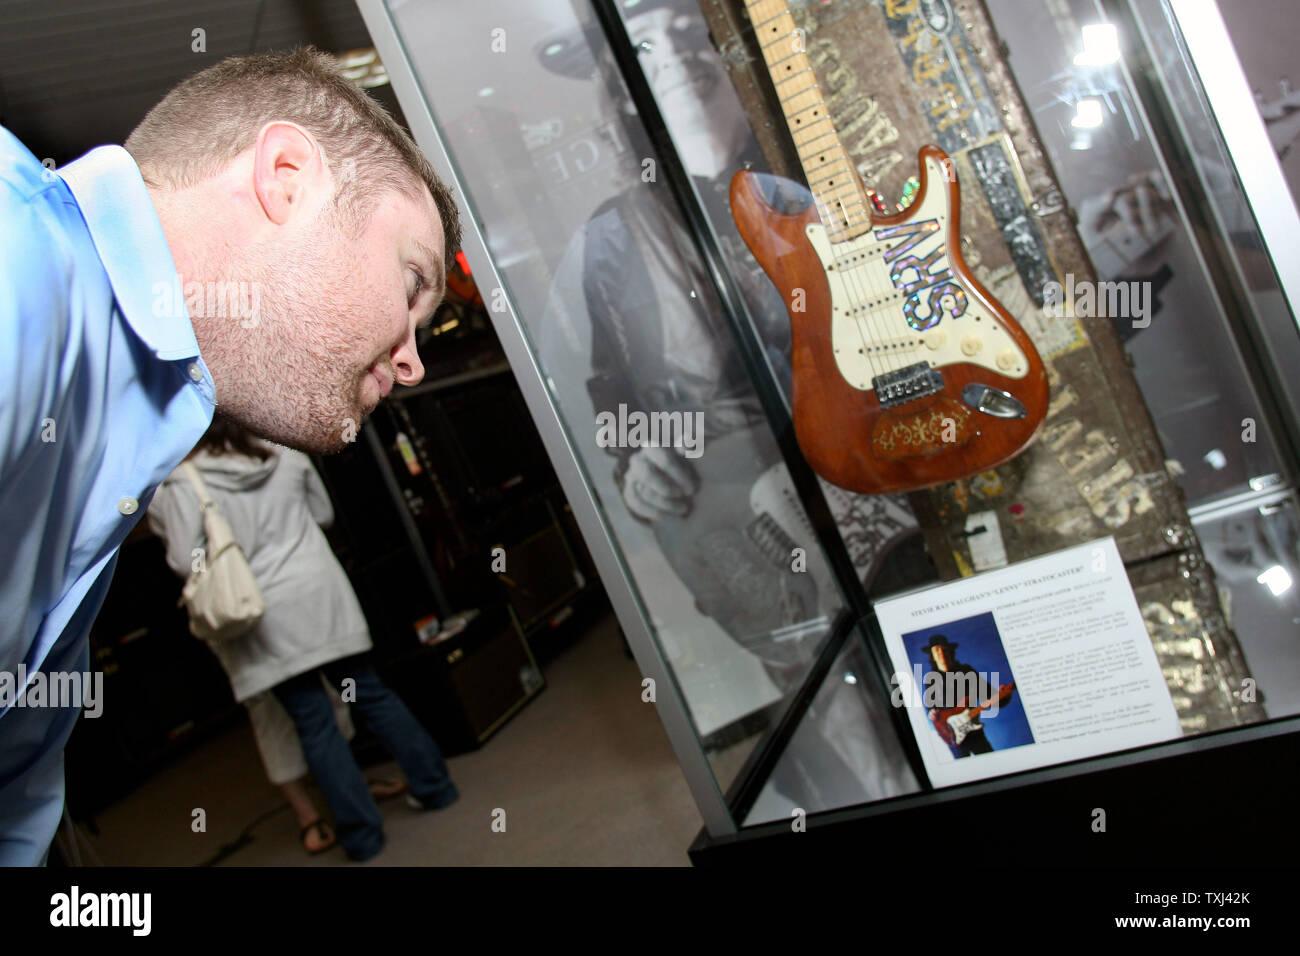 Guitar Center Stock Photos & Guitar Center Stock Images - Alamy